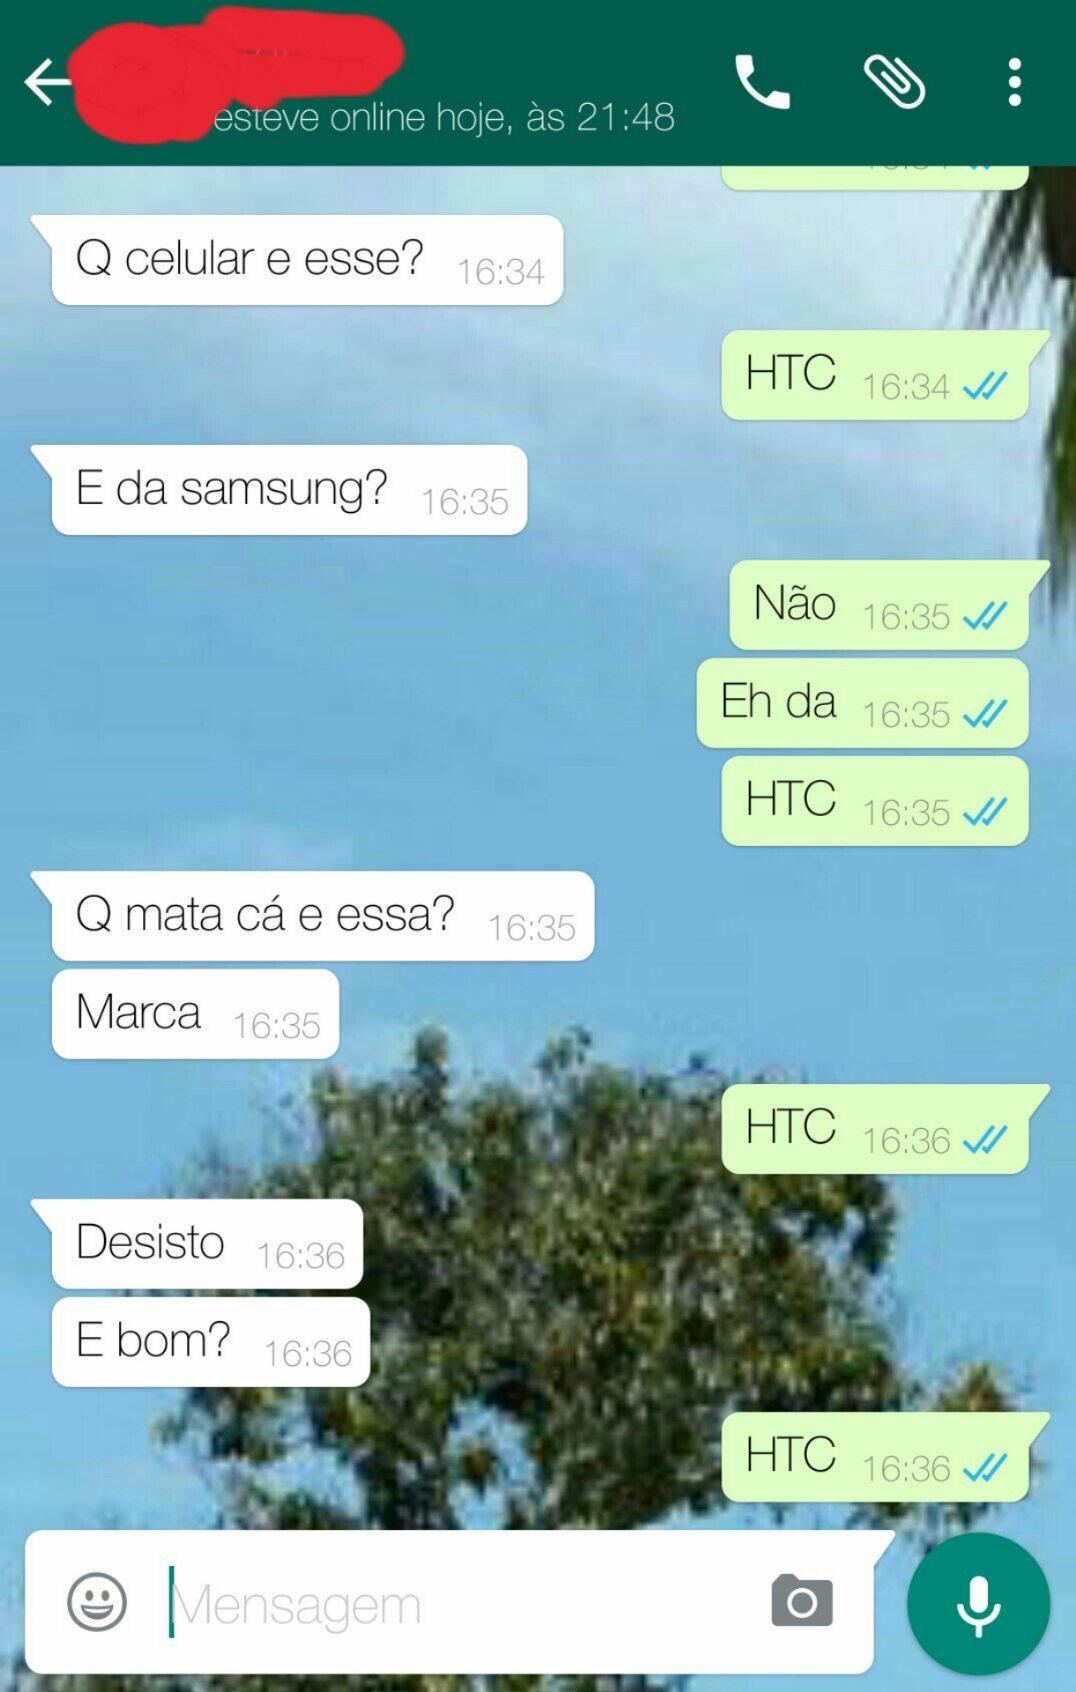 Explicando que meu celular é HTC - meme